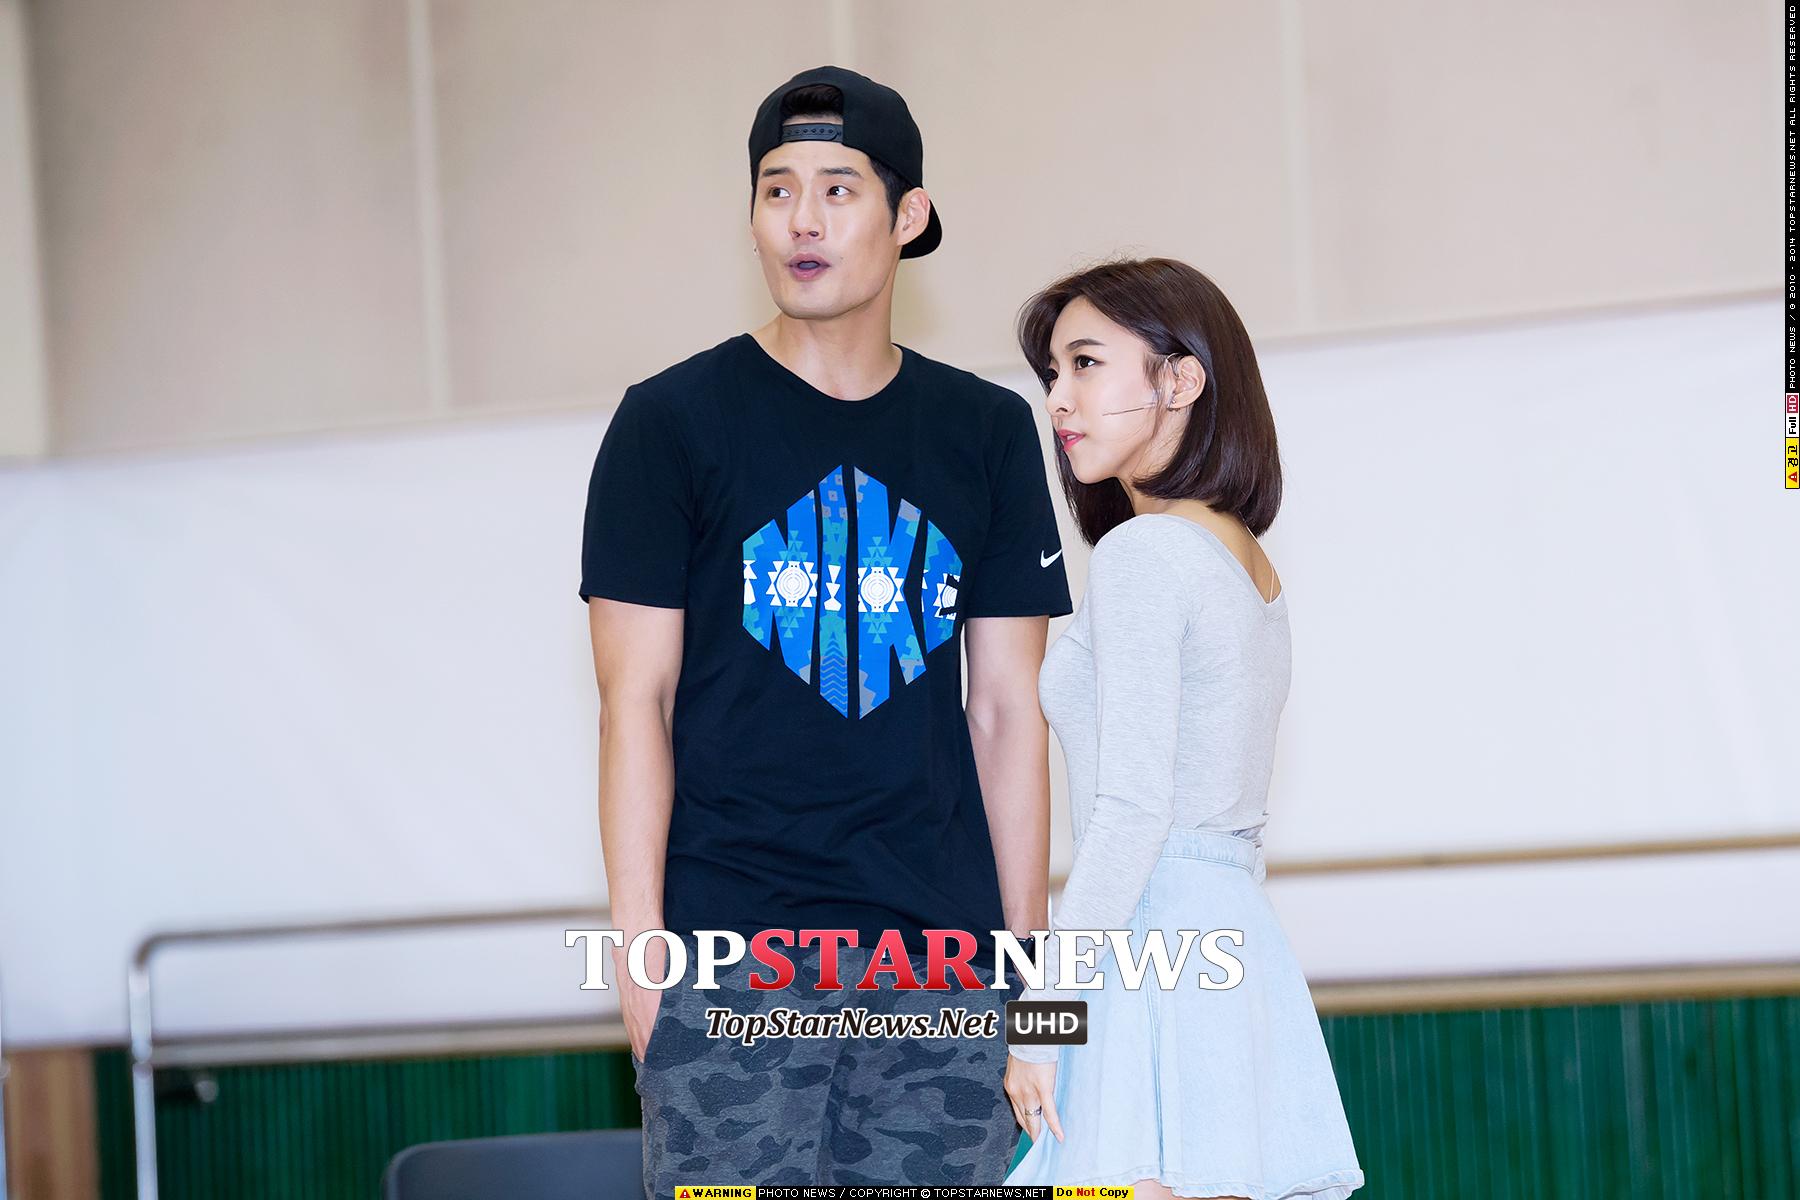 去年11月9日,Luna和音樂劇演員徐景秀也曾被爆通過合作的音樂劇《In the Heights》中配合默契,逐漸發展為戀人。